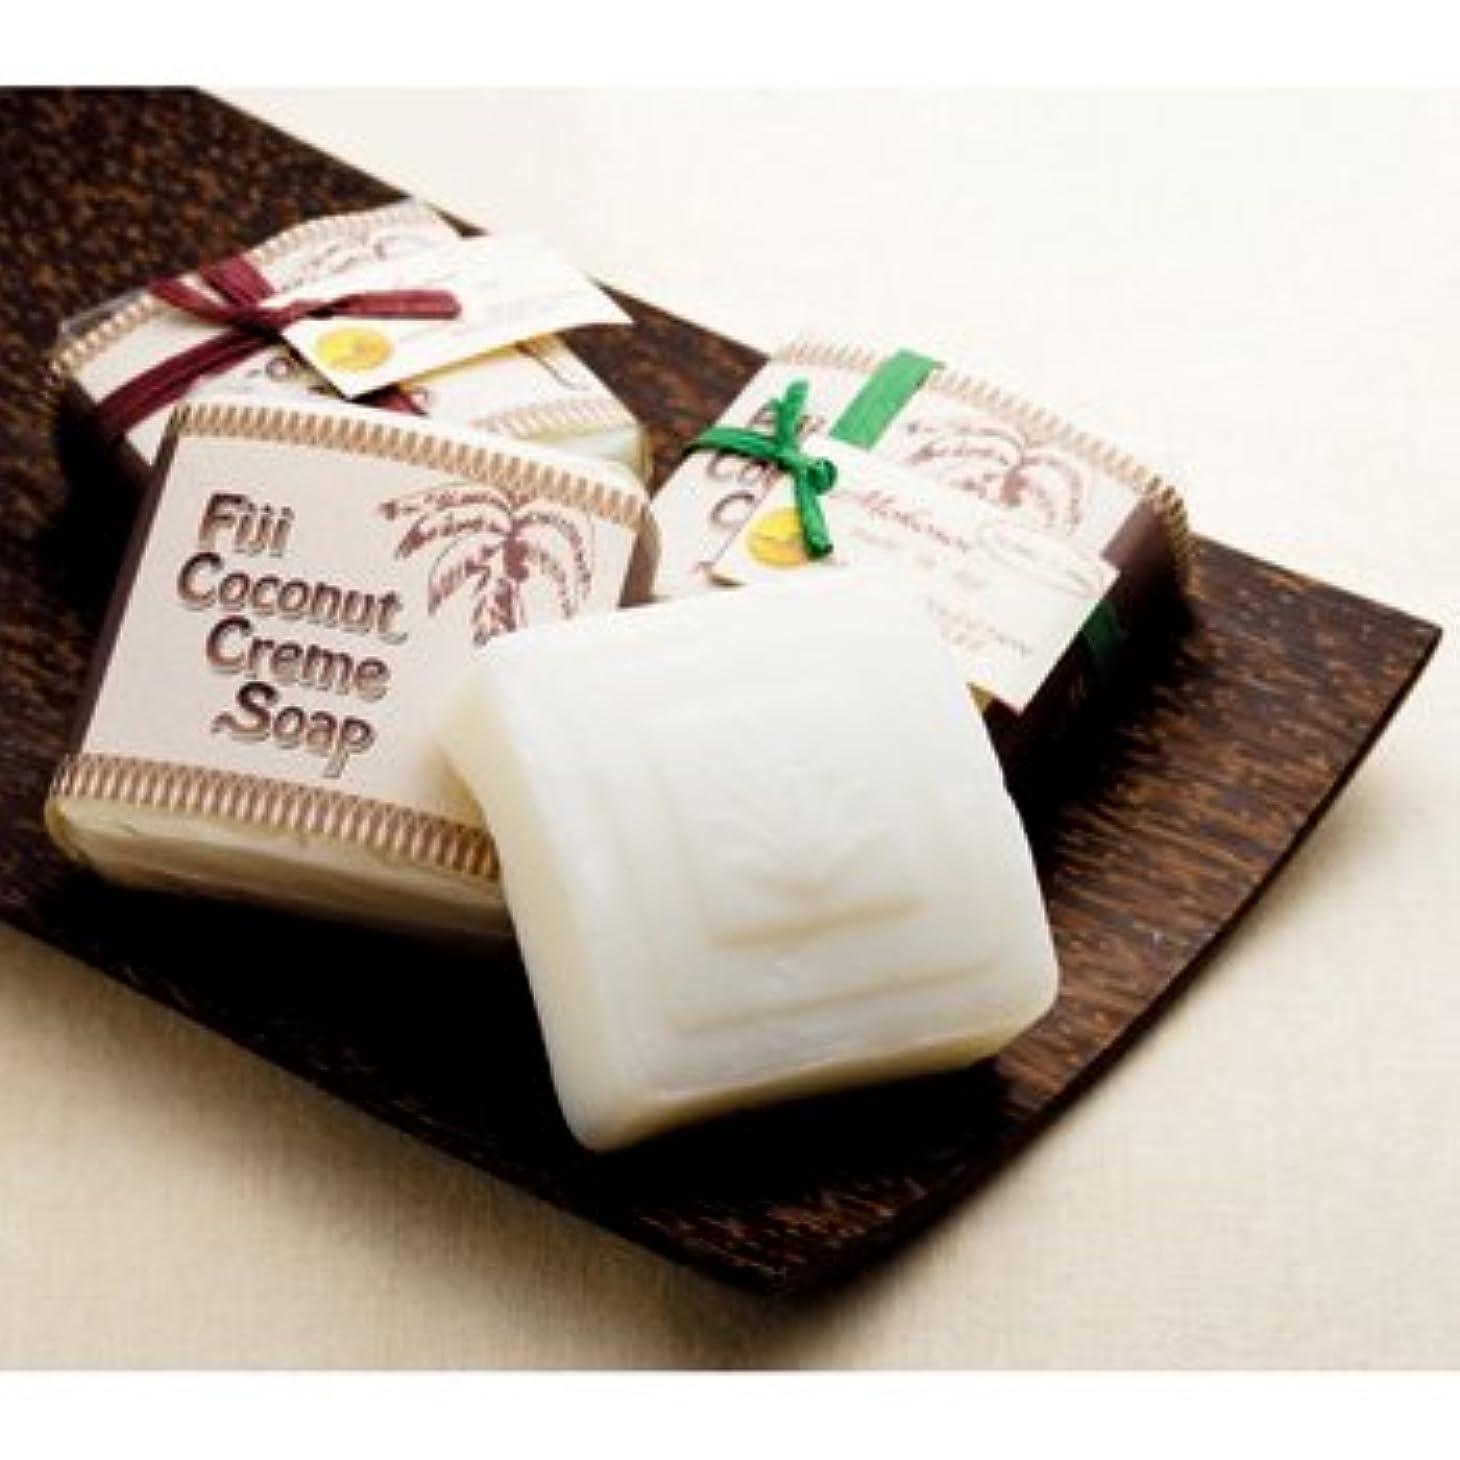 周囲実業家促進するフィジーお土産 フィジー モコソイココナッツ石けん 4個セット